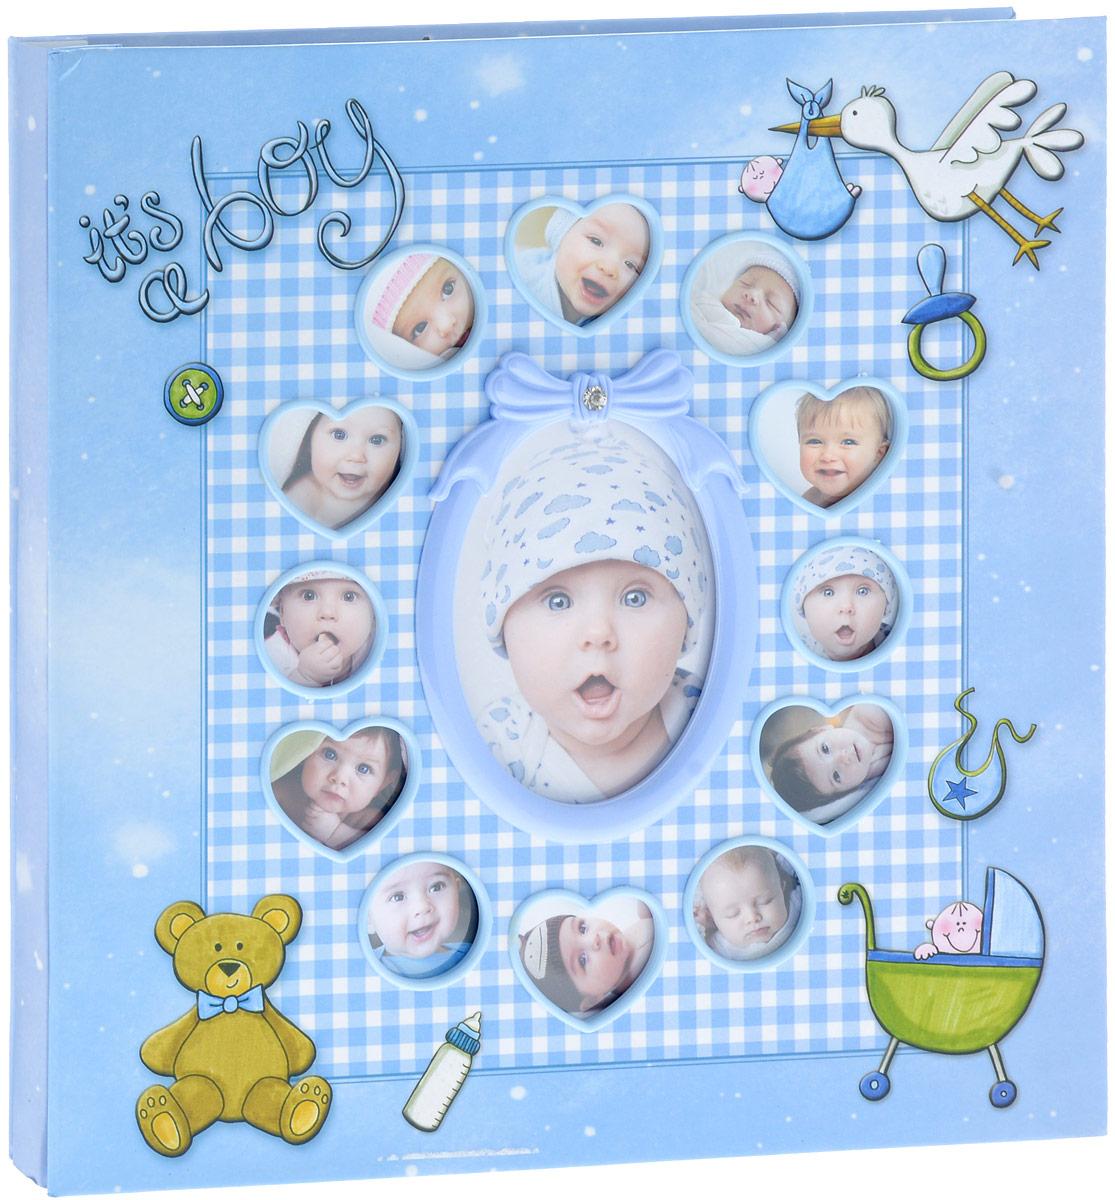 Фотоальбом Platinum Первые 12 месяцев, 30 листов, цвет: голубой. 9840-303М1425_голубой/9840-30Фотоальбом Platinum Первые 12 месяцев, изготовленный из картона с клеевым покрытием и пленки ПВХ, поможет сохранить вам самые важные и счастливые события жизни вашего ребенка. Этот альбом станет драгоценной памятью для всей вашей семьи. Обложка выполнена из толстого картона и оформлена милыми изображениями. Лицевая сторона обложки оснащена 13 окошками для фотографий вашего ребенка. Внутри содержится 30 магнитных листов. Альбом с магнитными листами удобен тем, что он позволяет размещать фотографии разных размеров. Нам всегда так приятно вспоминать о самых счастливых моментах жизни, запечатленных на фотографиях. Размер листа: 28 х 32,5 см.